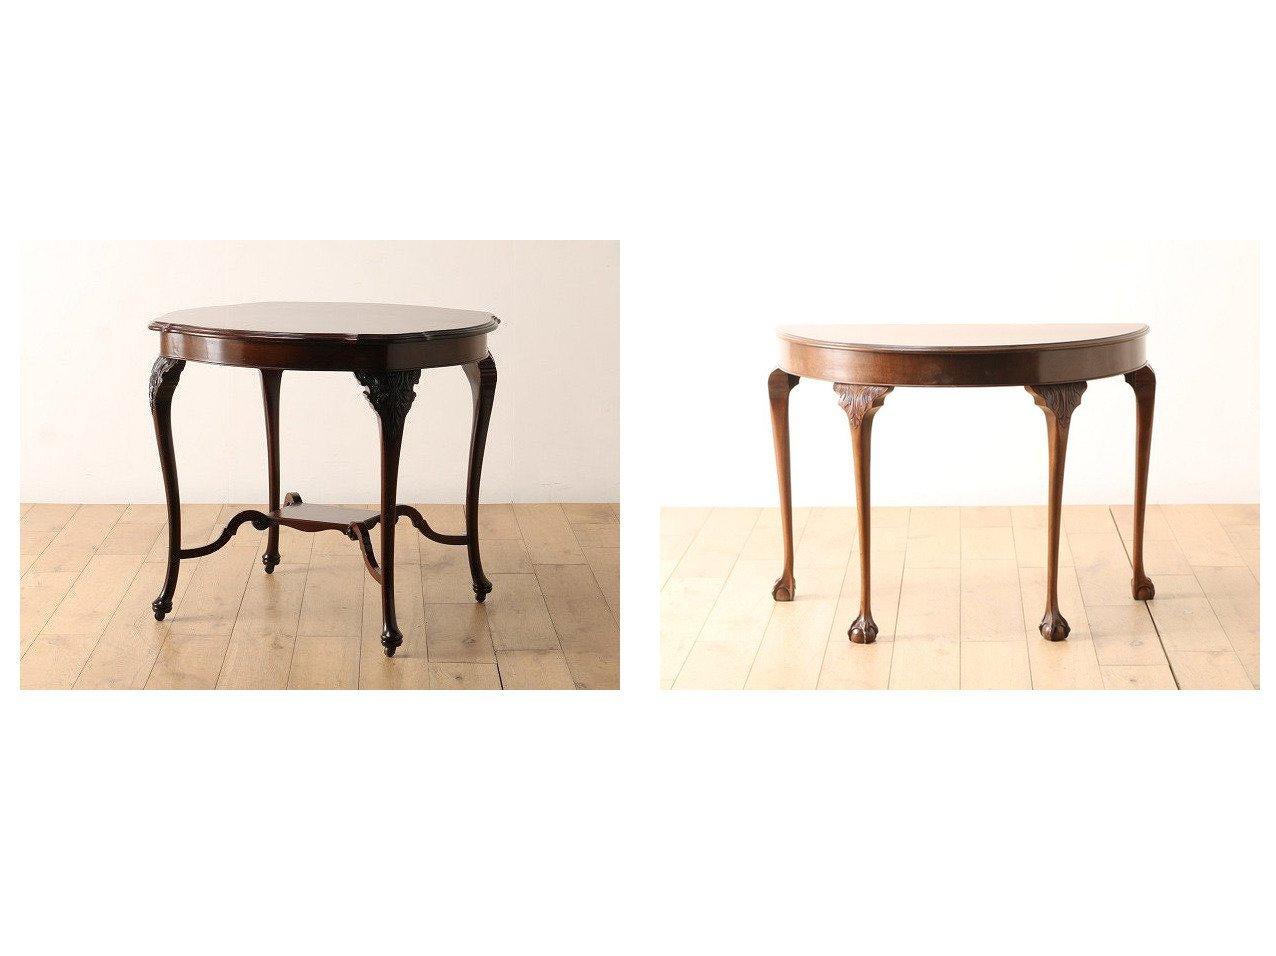 【Lloyd's Antiques/ロイズ アンティークス】のReal Antique B& イギリスアンティーク家具 B&C ハーフムーンテーブル&イギリスアンティーク家具 センターテーブル 【FURNITURE】おすすめ!人気、インテリア雑貨・家具の通販 おすすめで人気の流行・トレンド、ファッションの通販商品 インテリア・家具・メンズファッション・キッズファッション・レディースファッション・服の通販 founy(ファニー) https://founy.com/ アンティーク センター テーブル ホーム・キャンプ・アウトドア Home,Garden,Outdoor,Camping Gear 家具・インテリア Furniture テーブル Table ローテーブル・センターテーブル ホーム・キャンプ・アウトドア Home,Garden,Outdoor,Camping Gear 家具・インテリア Furniture テーブル Table カフェテーブル ホーム・キャンプ・アウトドア Home,Garden,Outdoor,Camping Gear 家具・インテリア Furniture テーブル Table コンソール・カウンターテーブル |ID:crp329100000065312